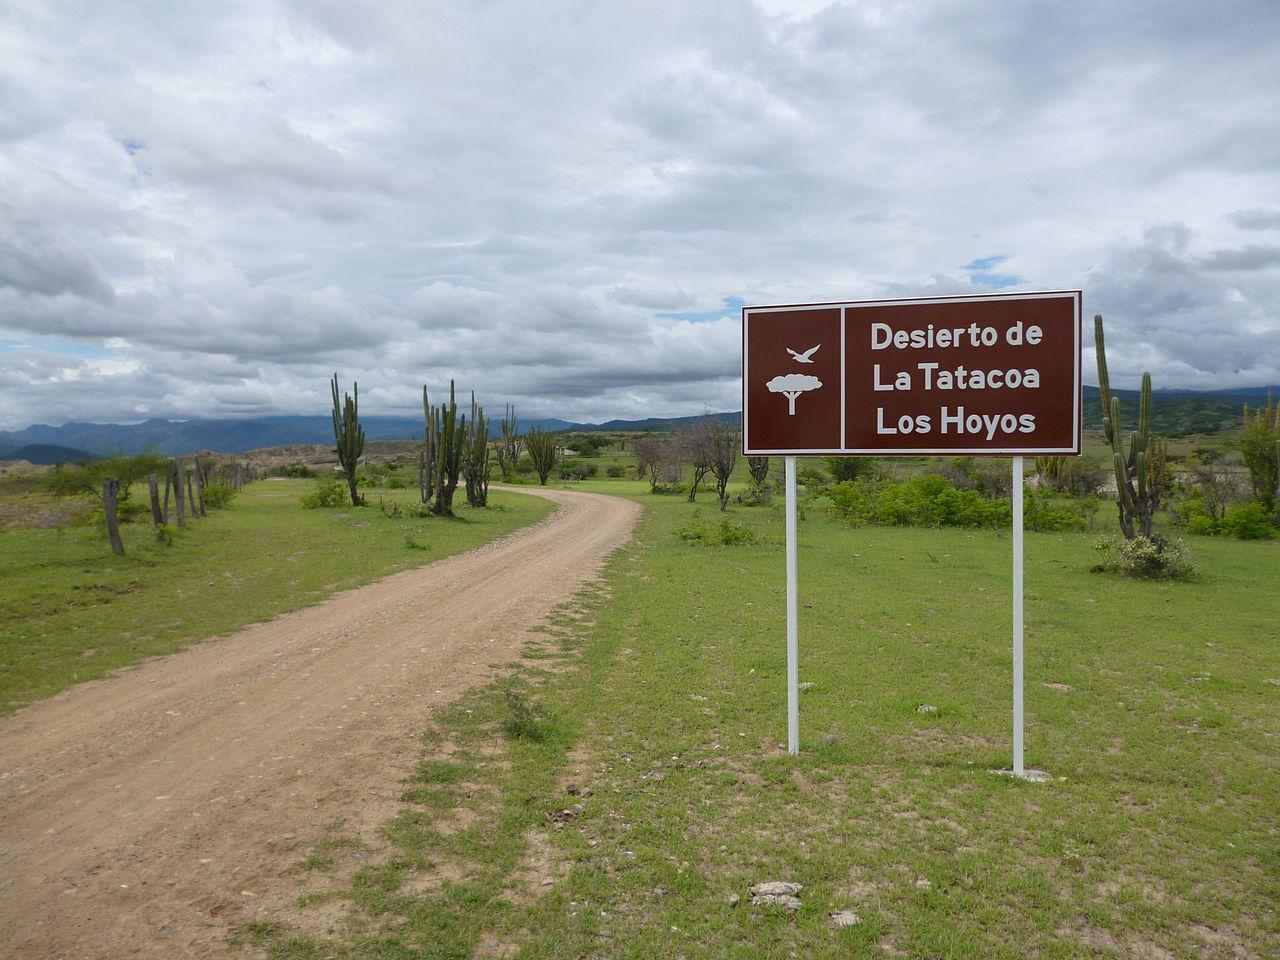 Letrero desierto de la Tatacoa